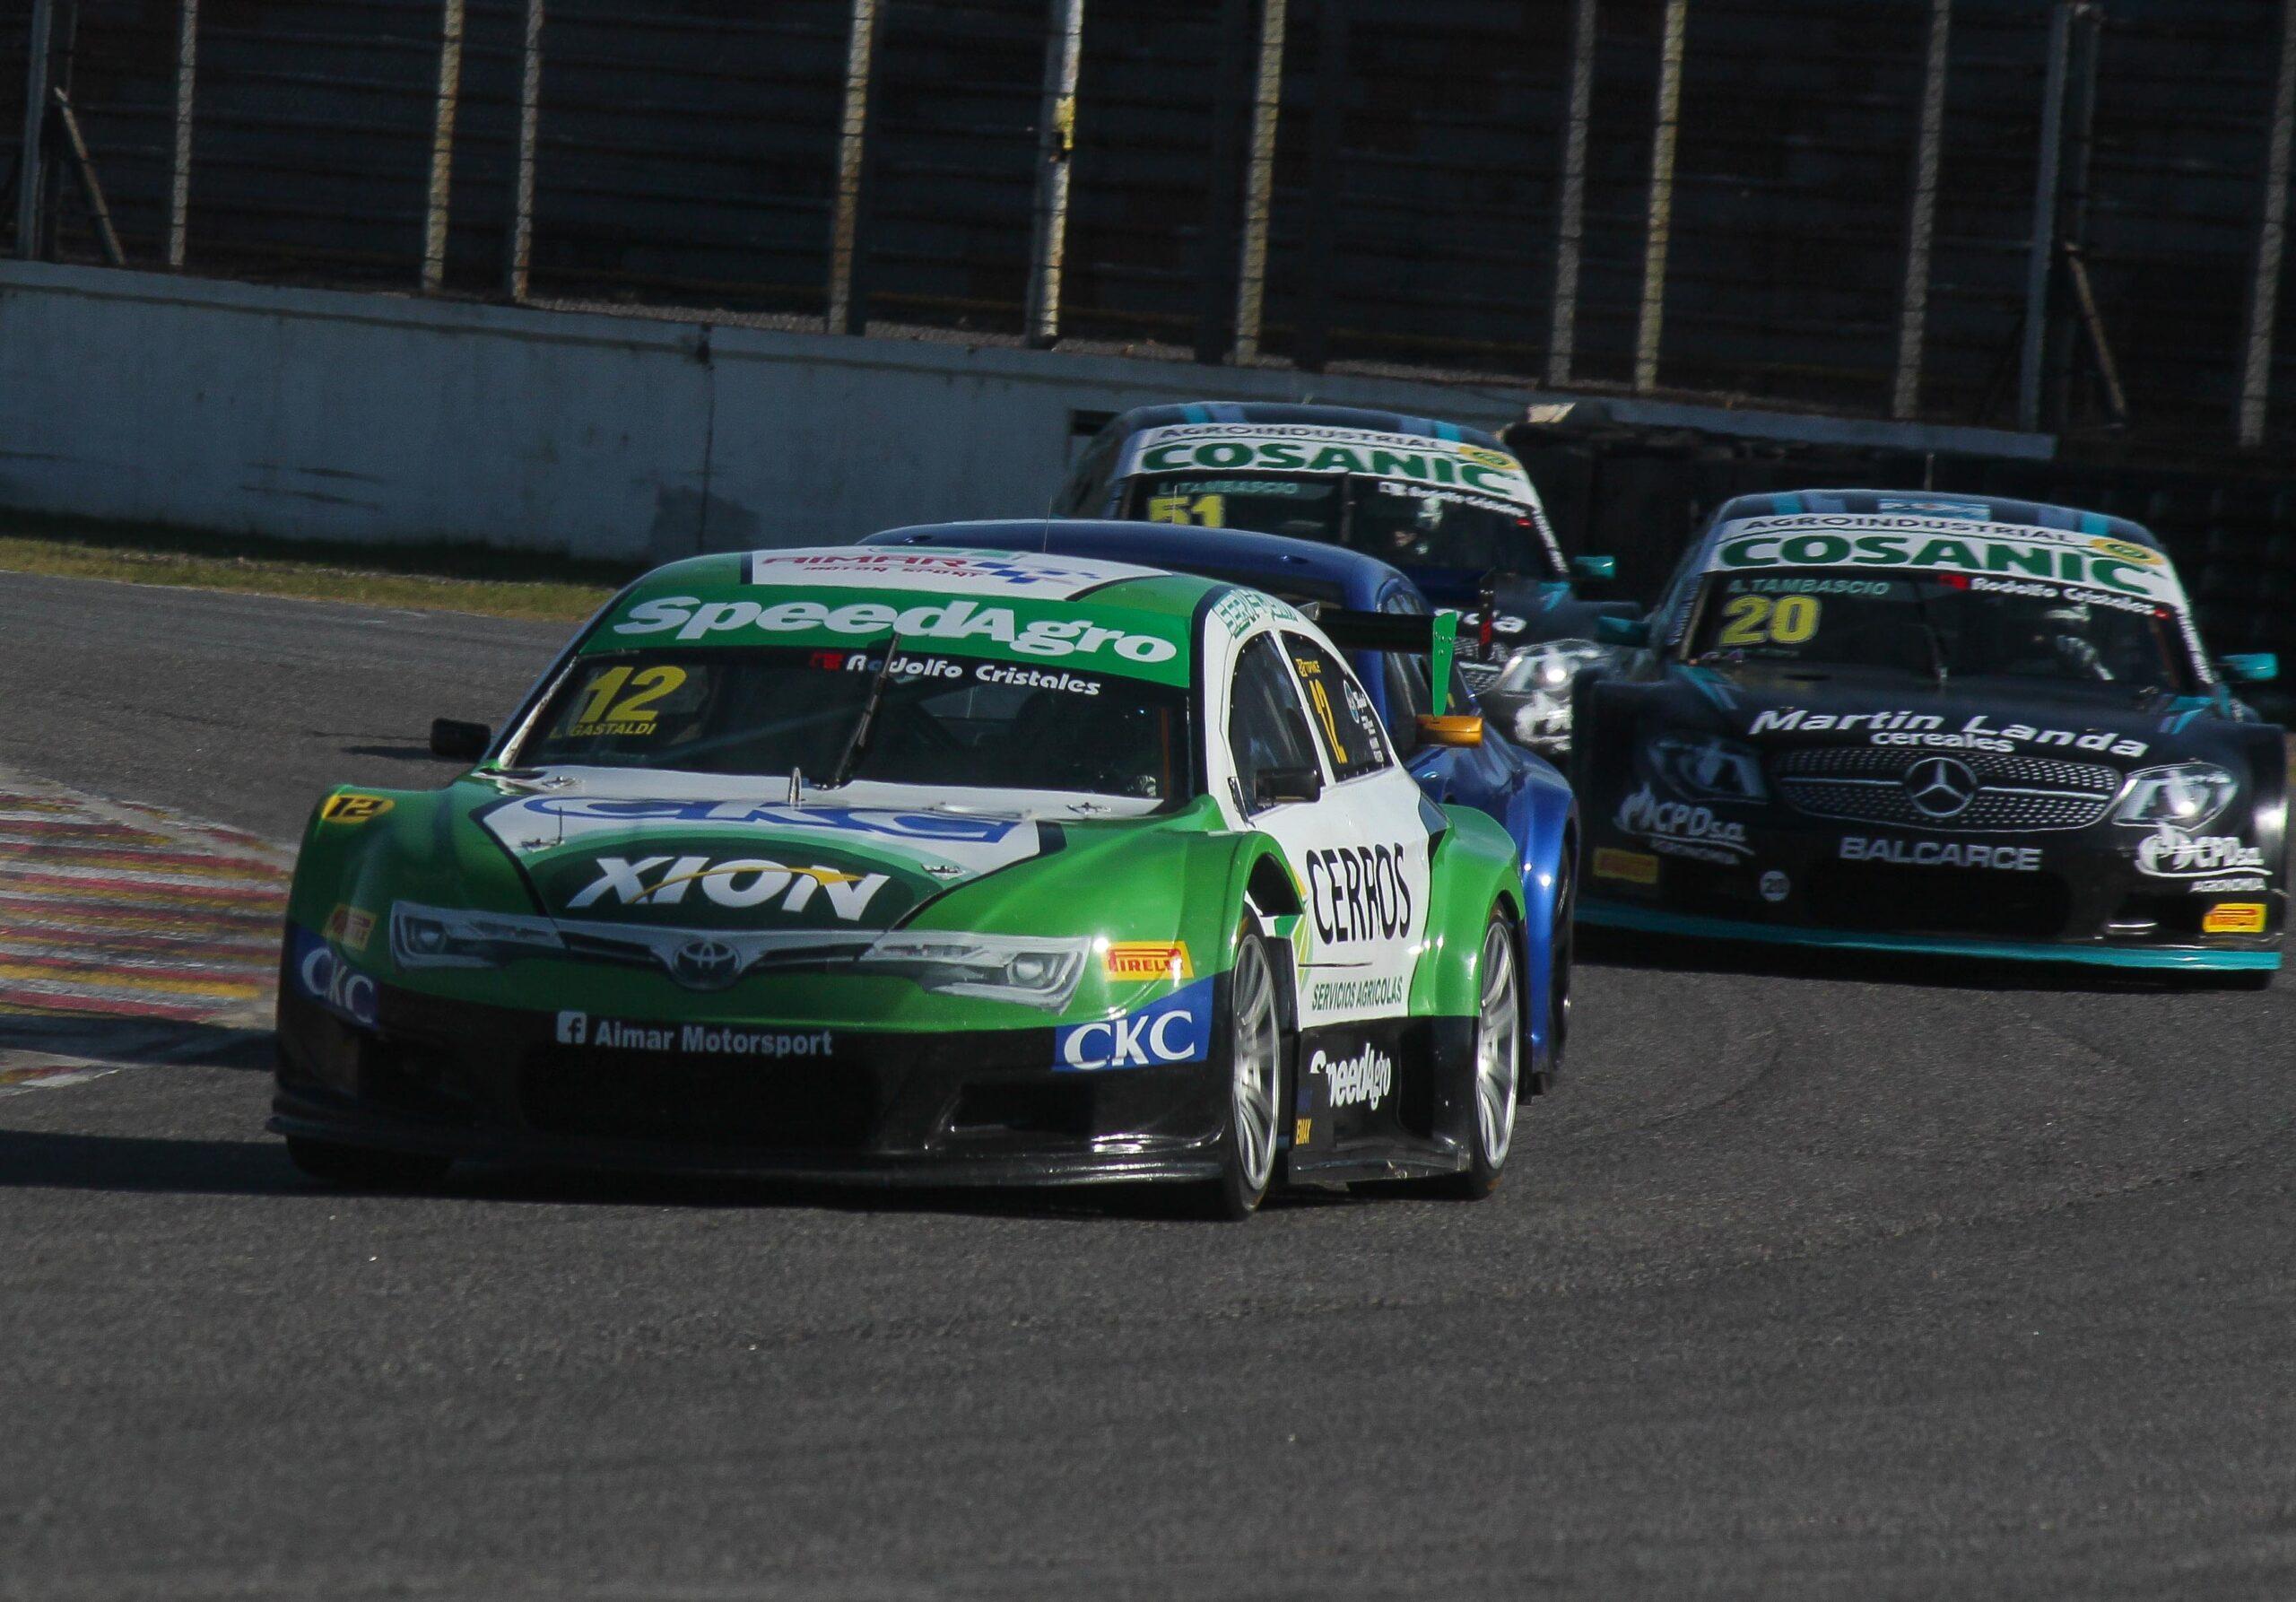 TopRace: Luis Gastaldi y Carlos Guttlein, regresaron con puntos importantes para mantenerse en los primeros lugares.